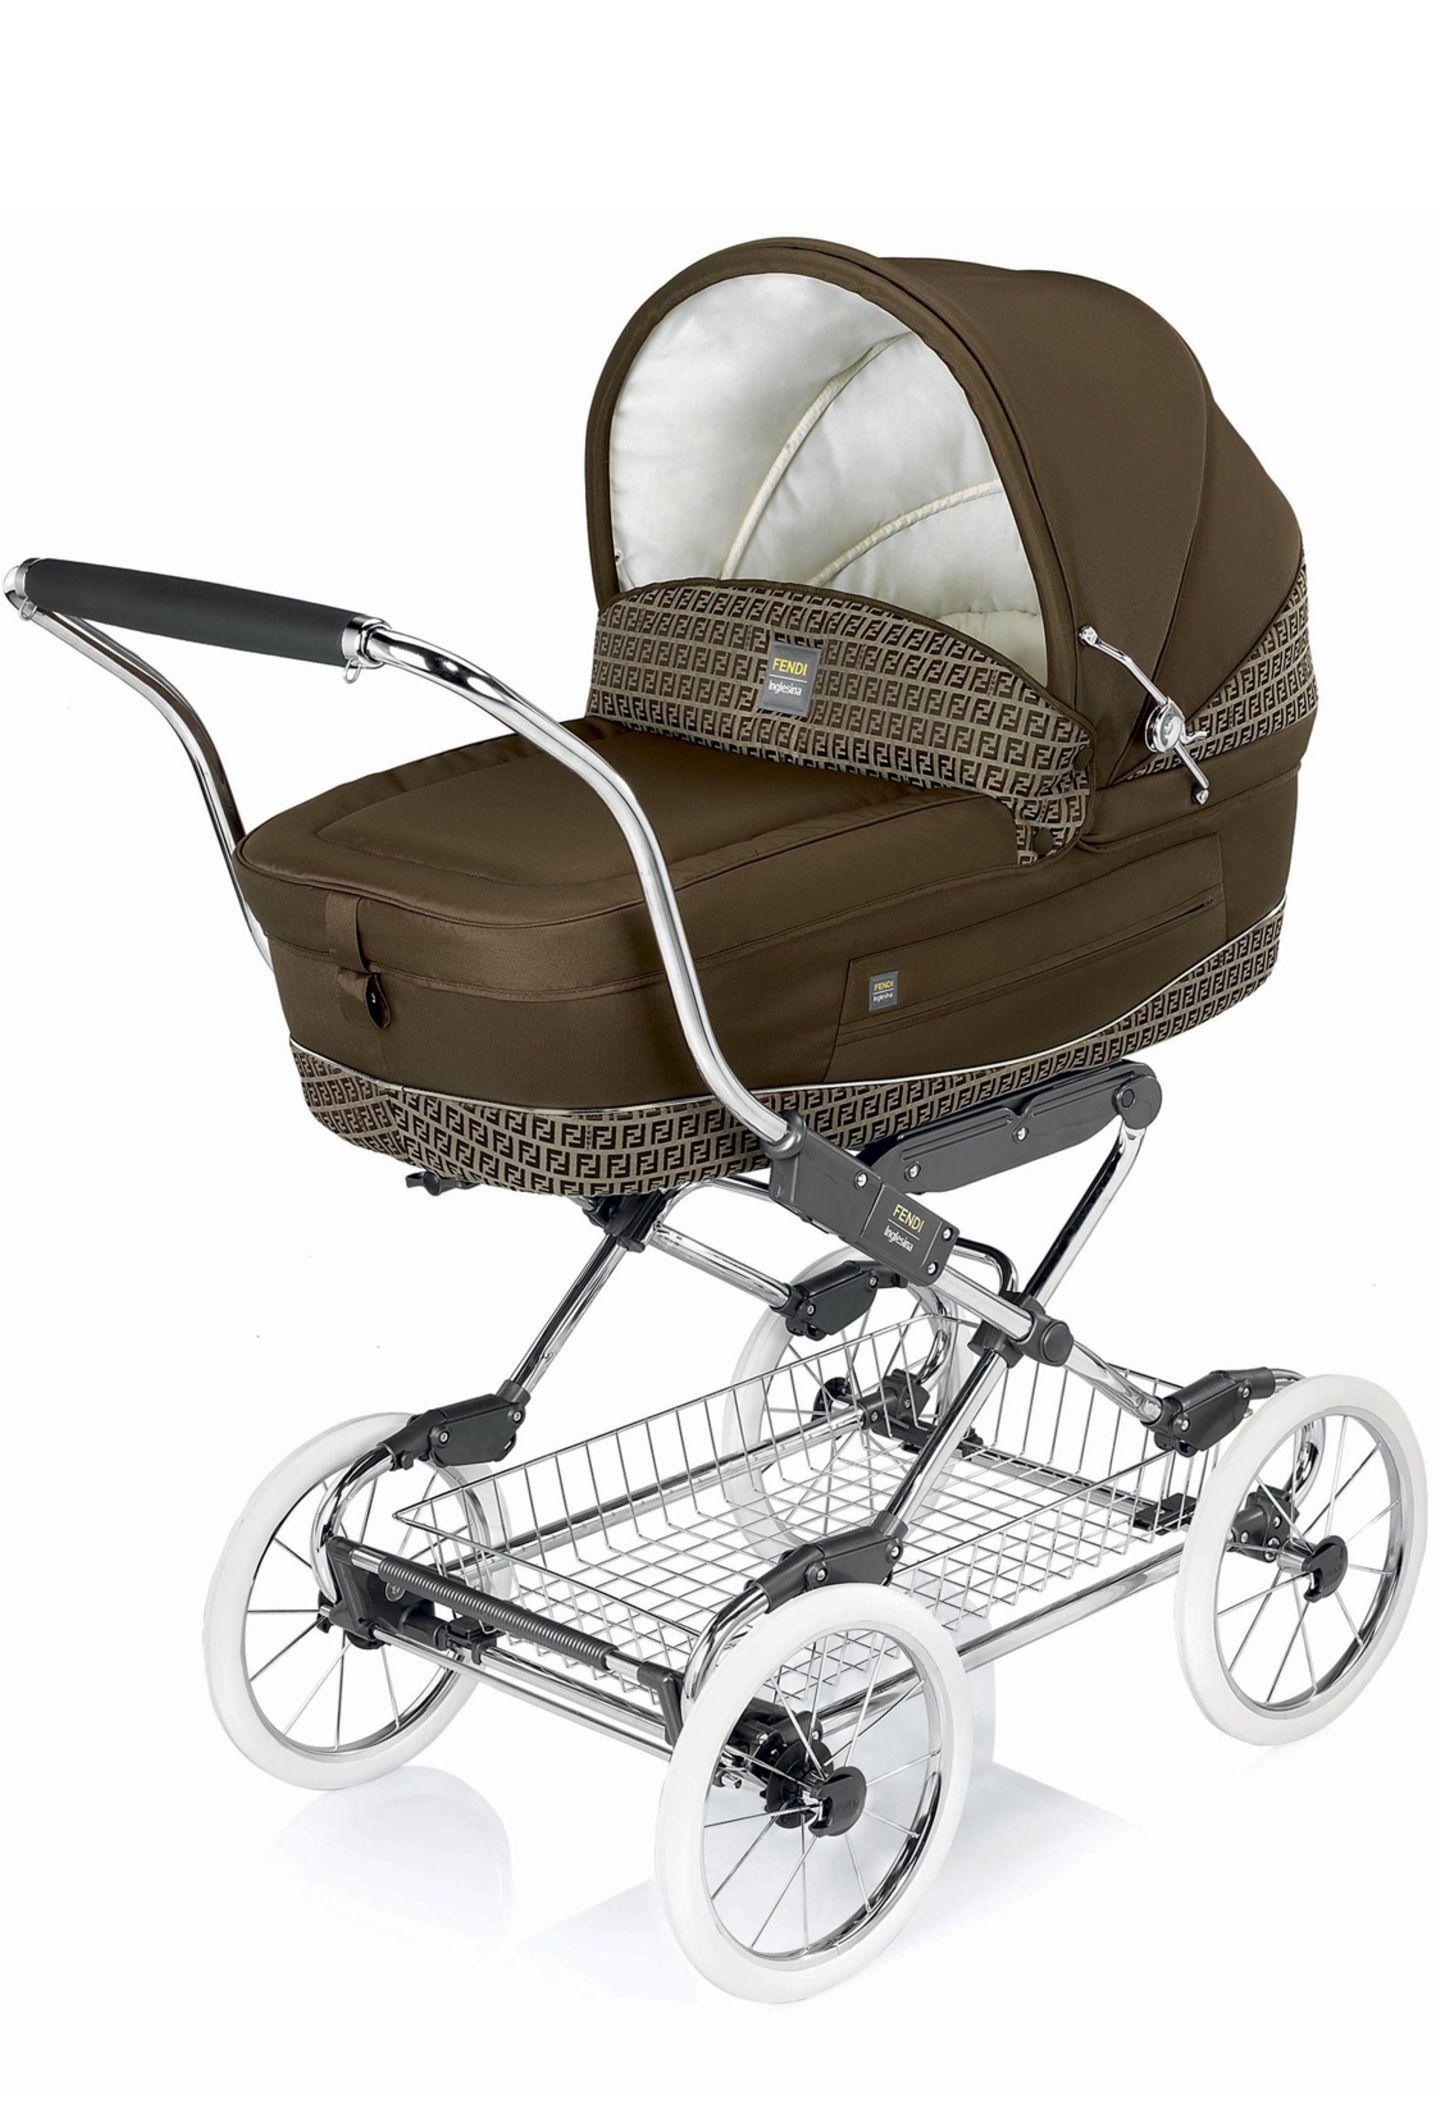 Luxuskarosse: Kinderwagen von Fendi, ca. 1.600 Euro, über www. grimms-glueckskinder-fashion.de